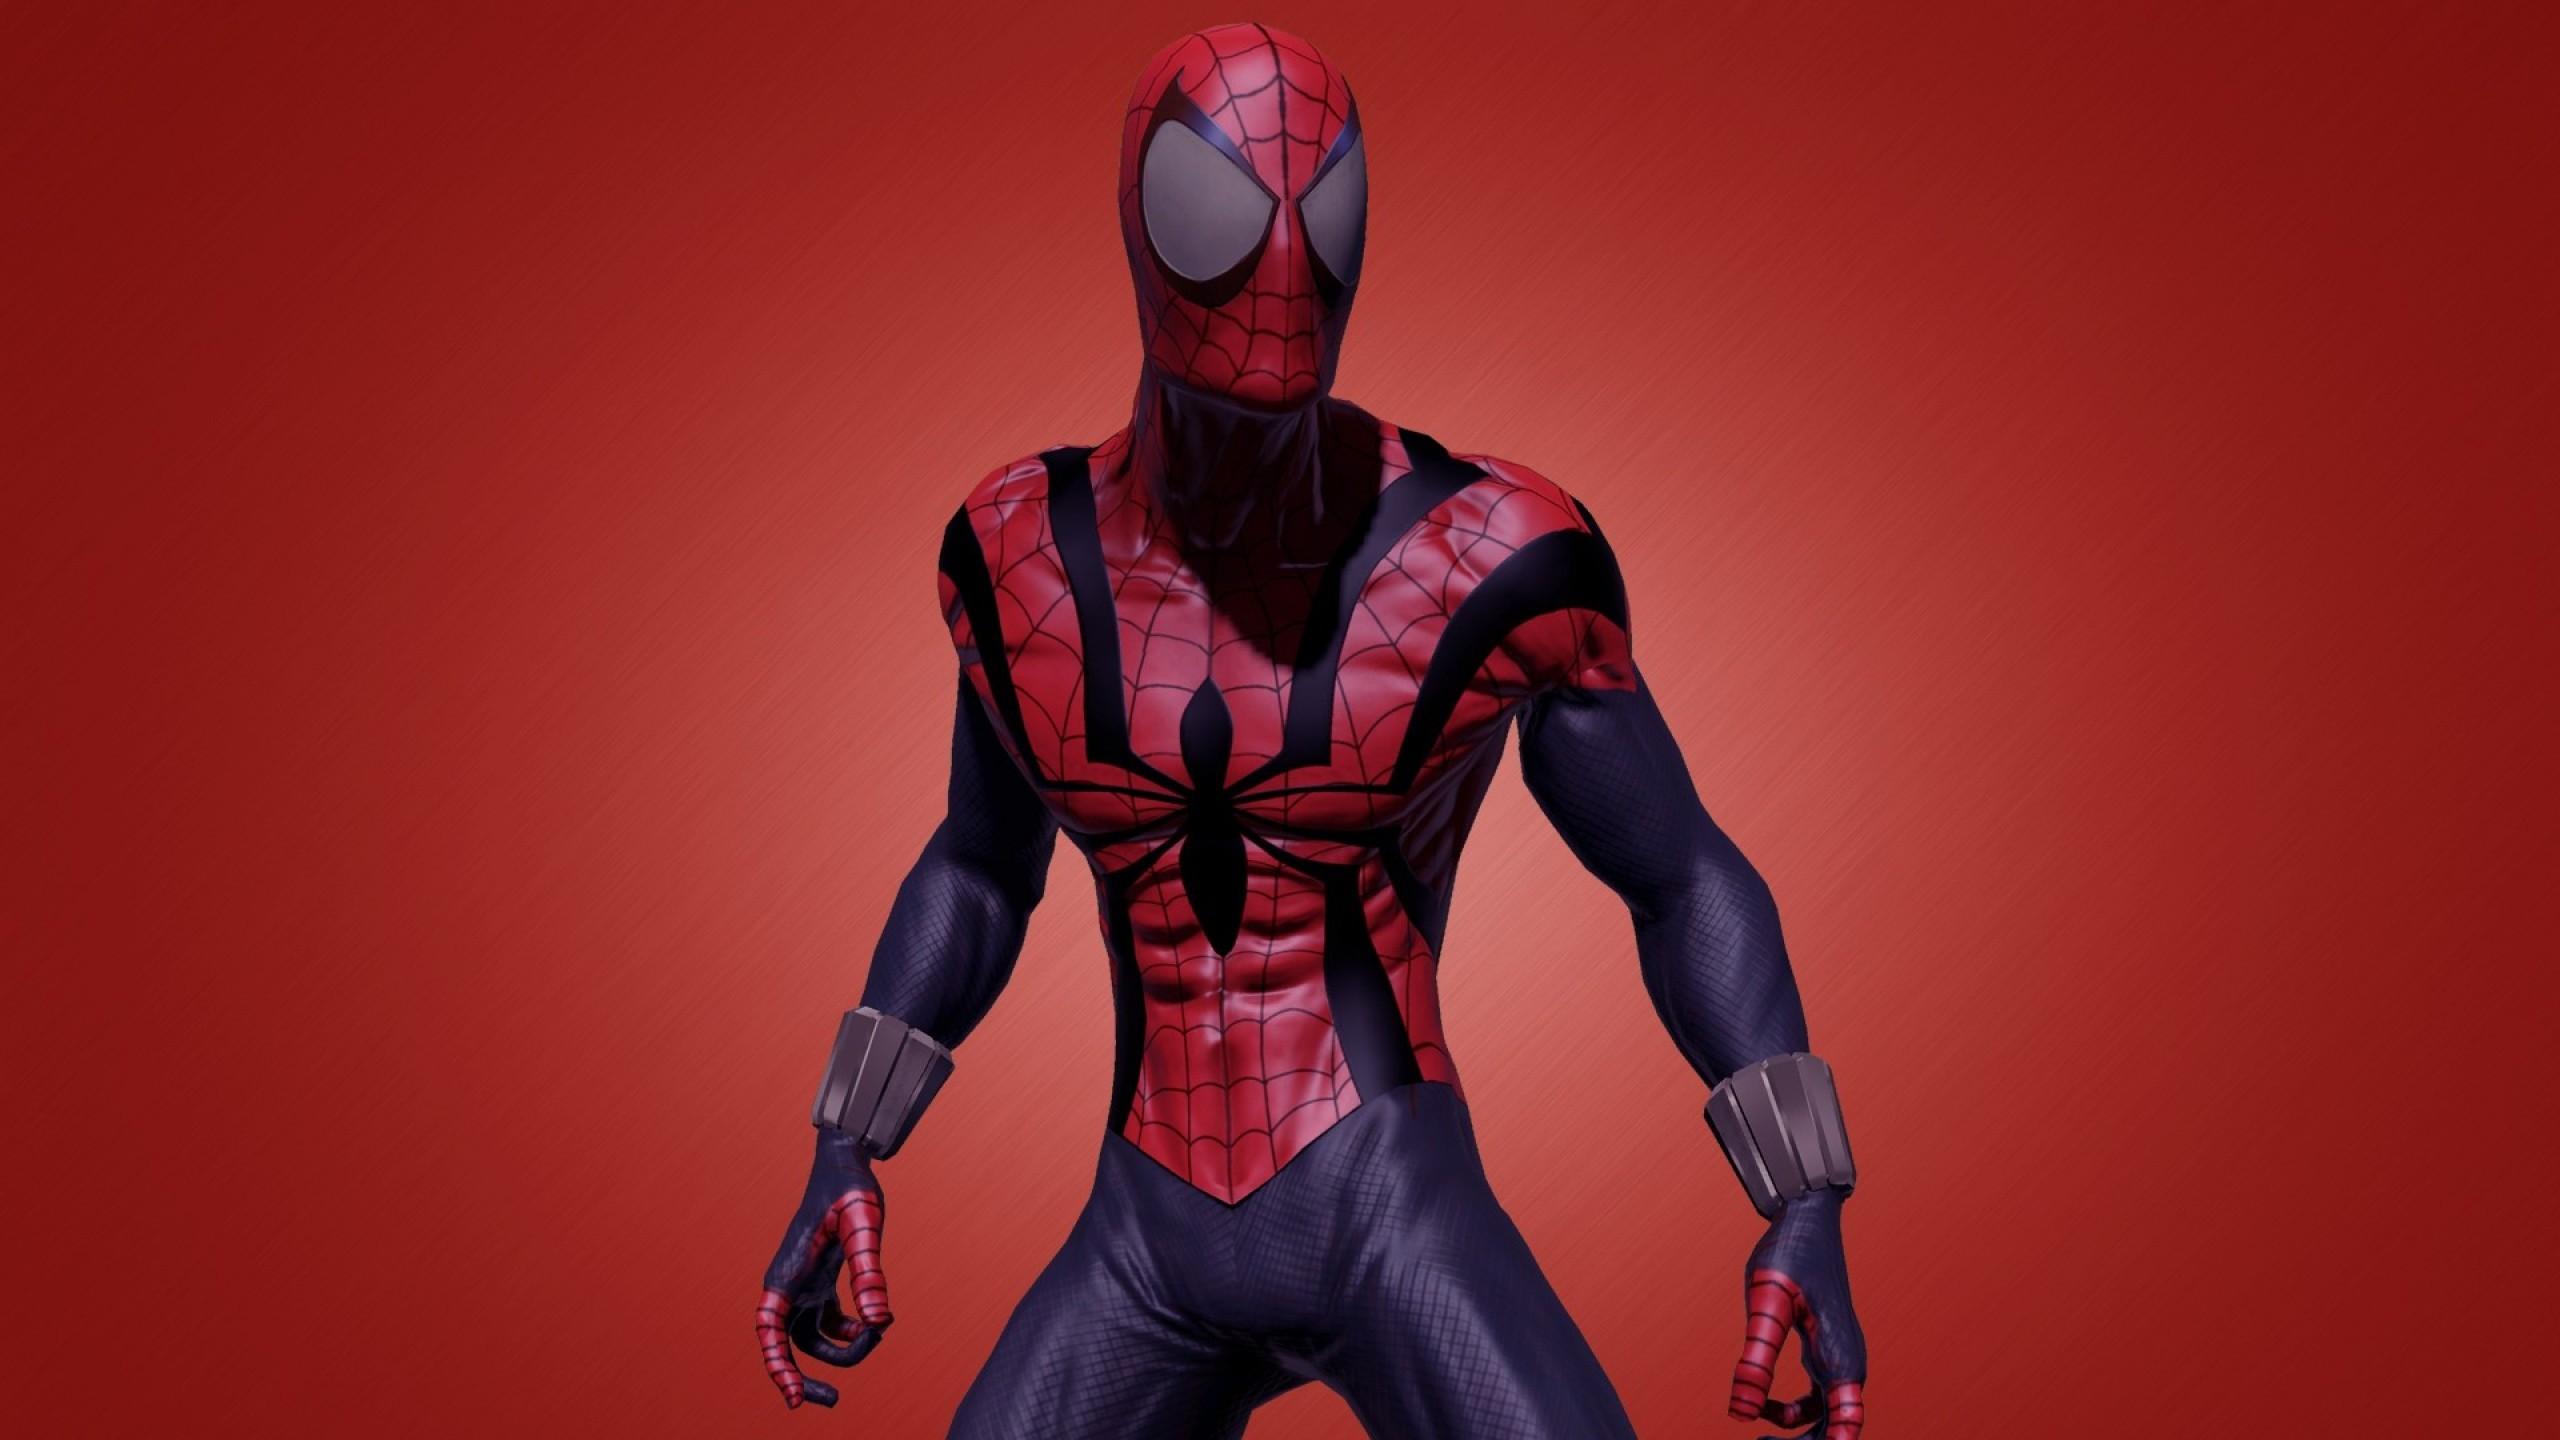 Download Wallpaper Comics, Marvel, Spider-man Mac iMac .